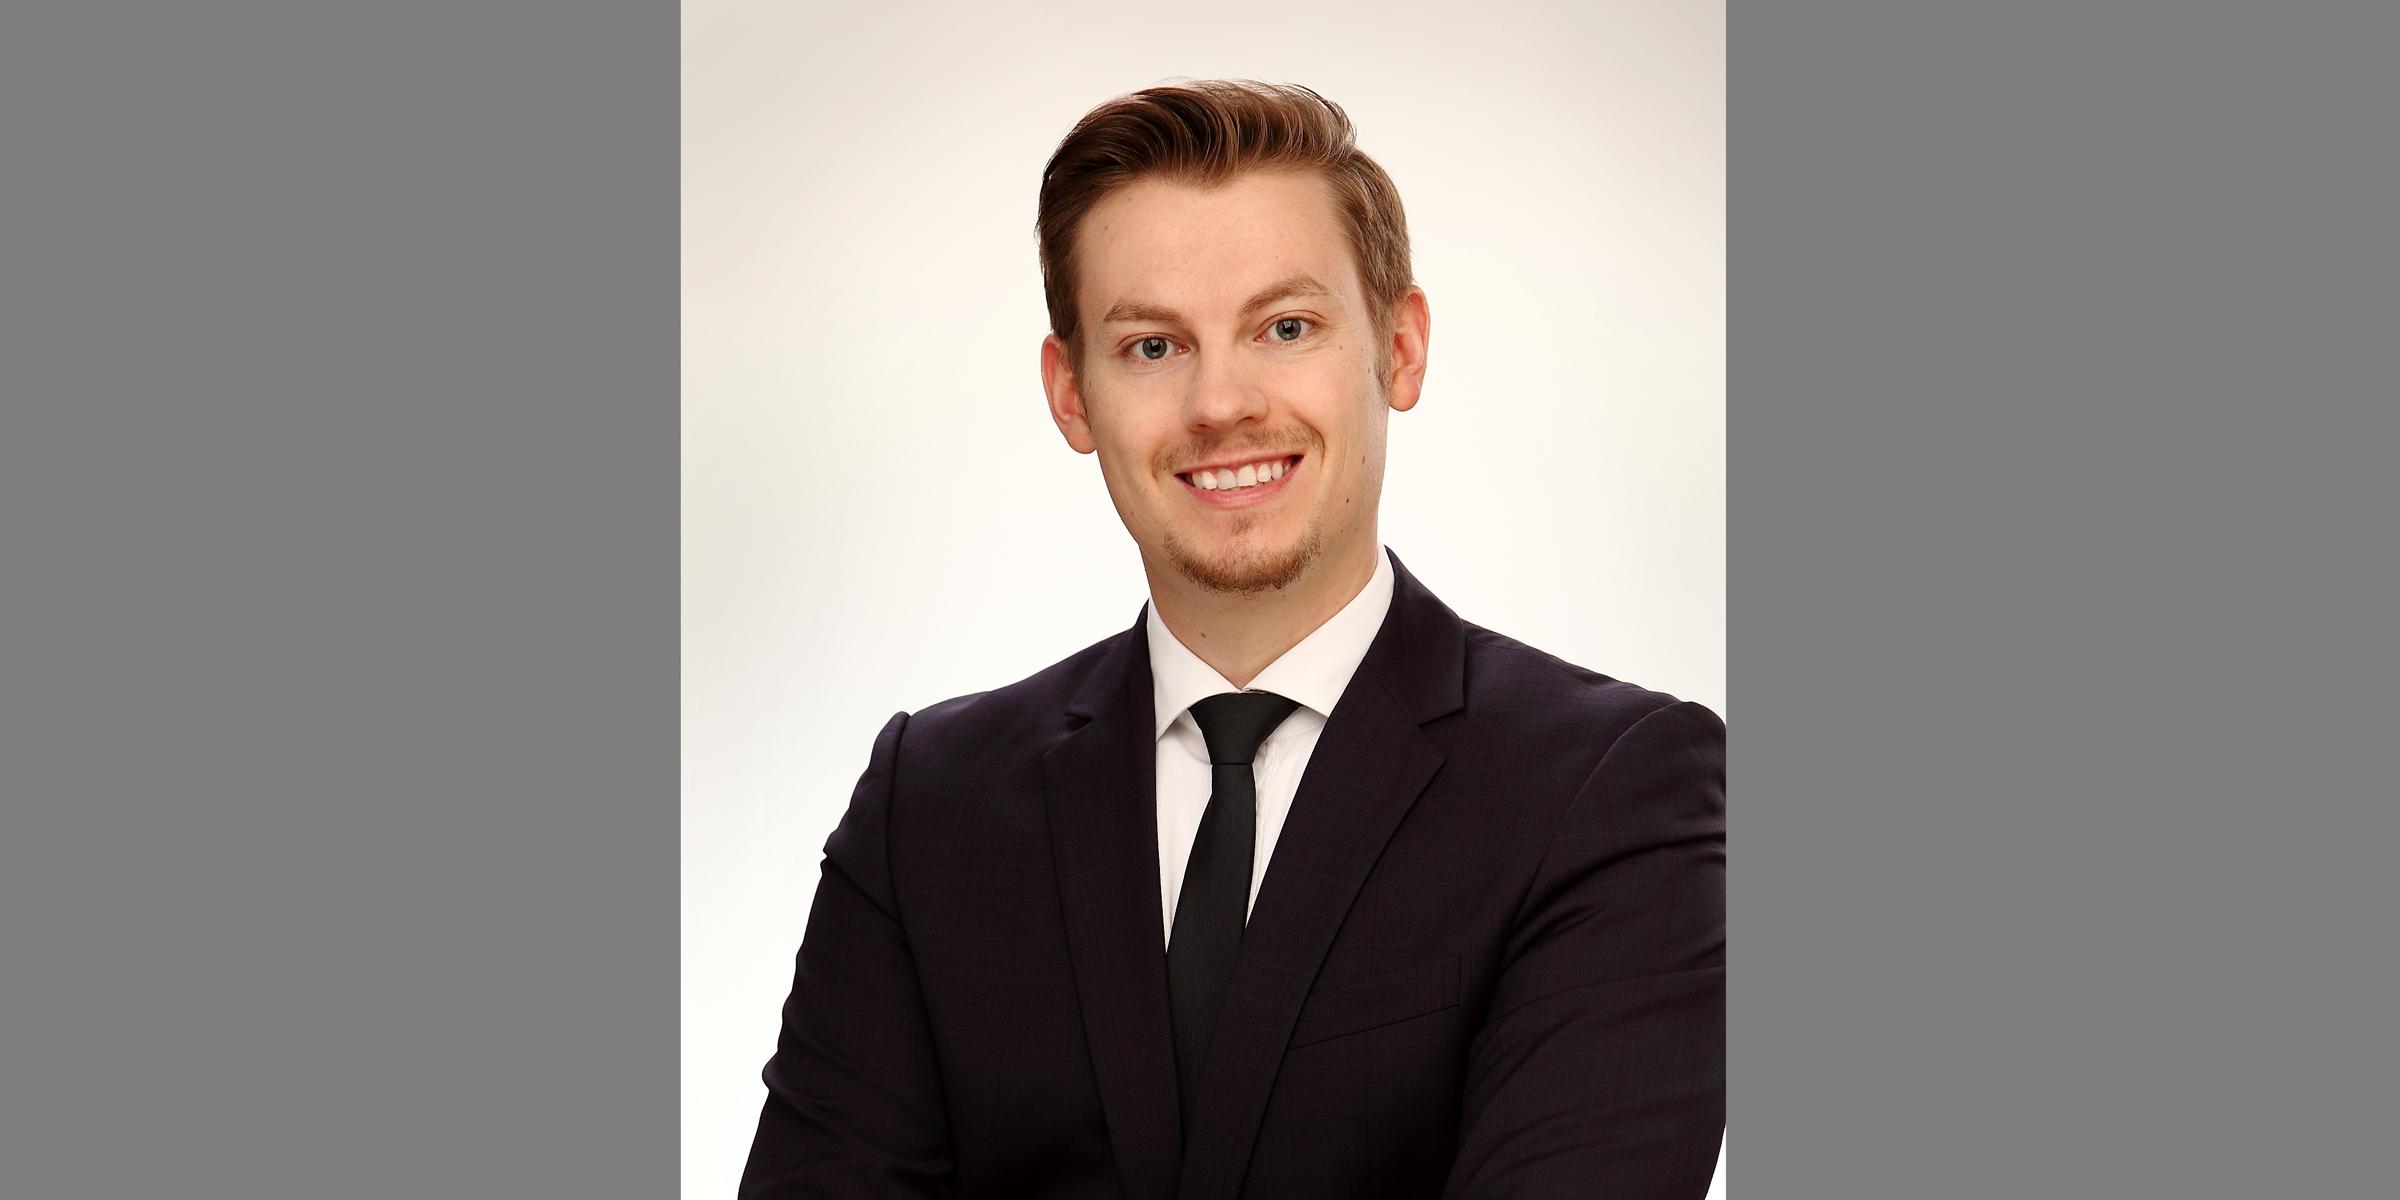 Business Portrait eines freundlich lächelnden Mannes, der in schwarzem Business-Anzug mit Krawatte posiert.